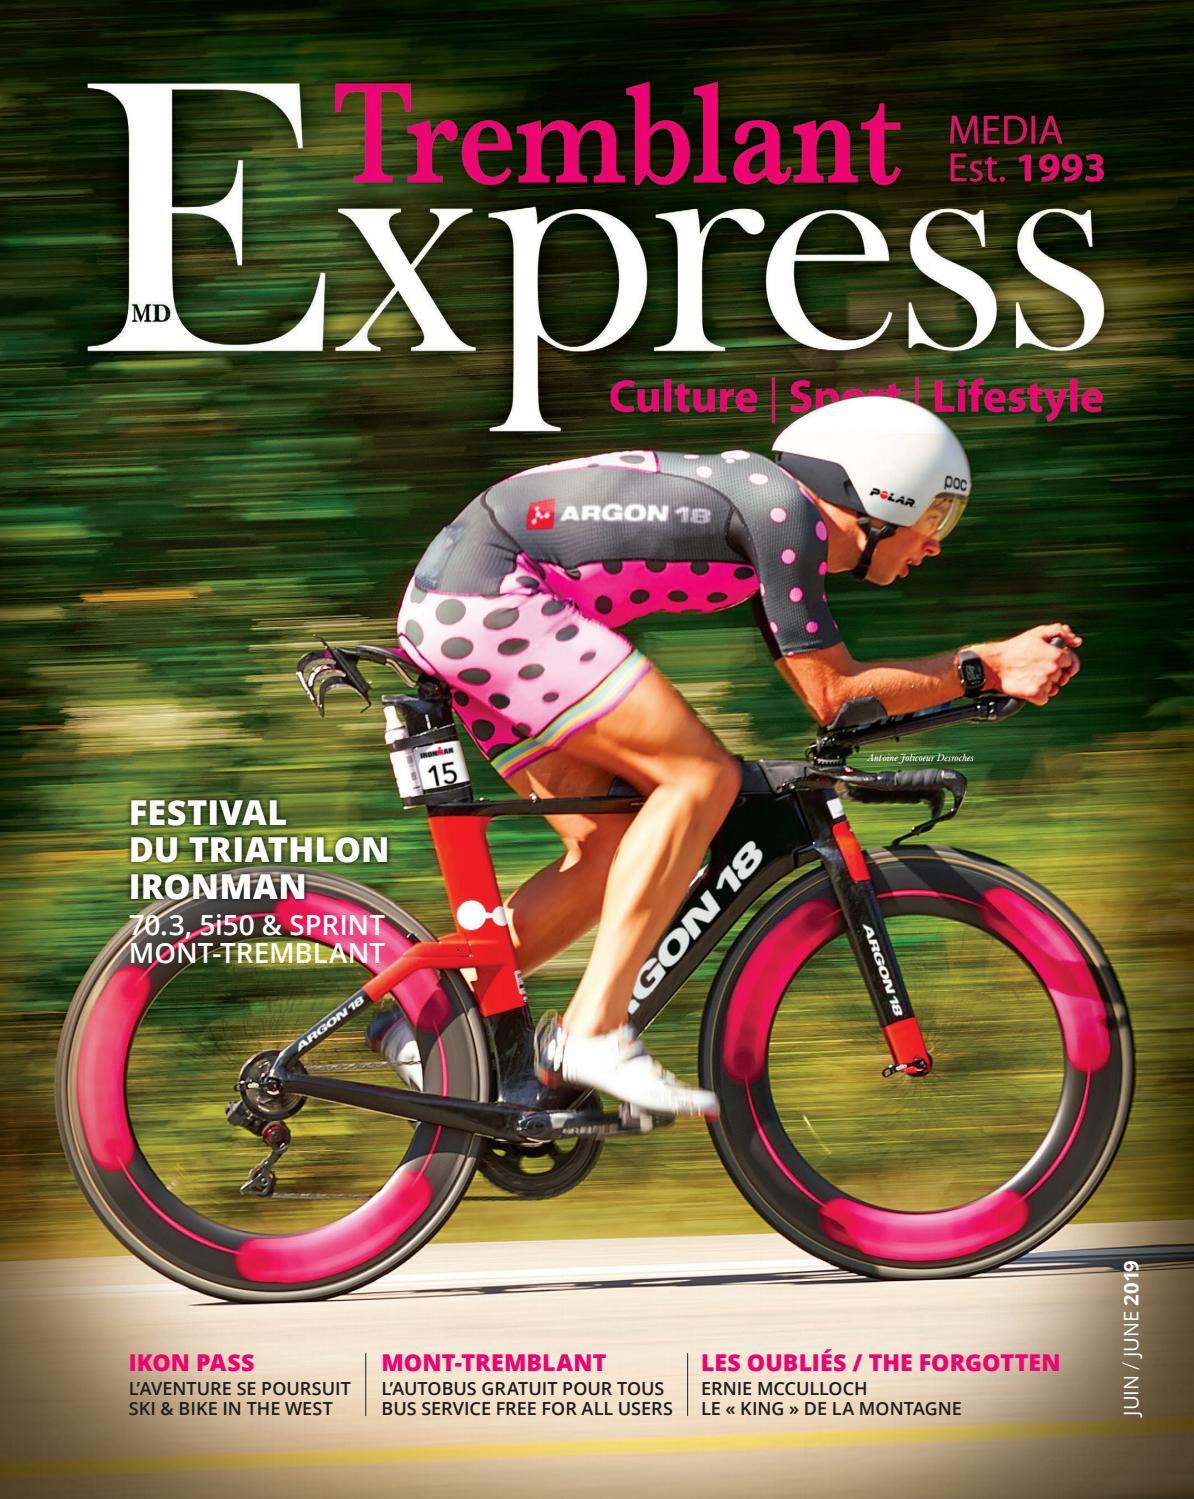 Junio 2019 Issuu Tremblant Express Por H9DEIYWe2